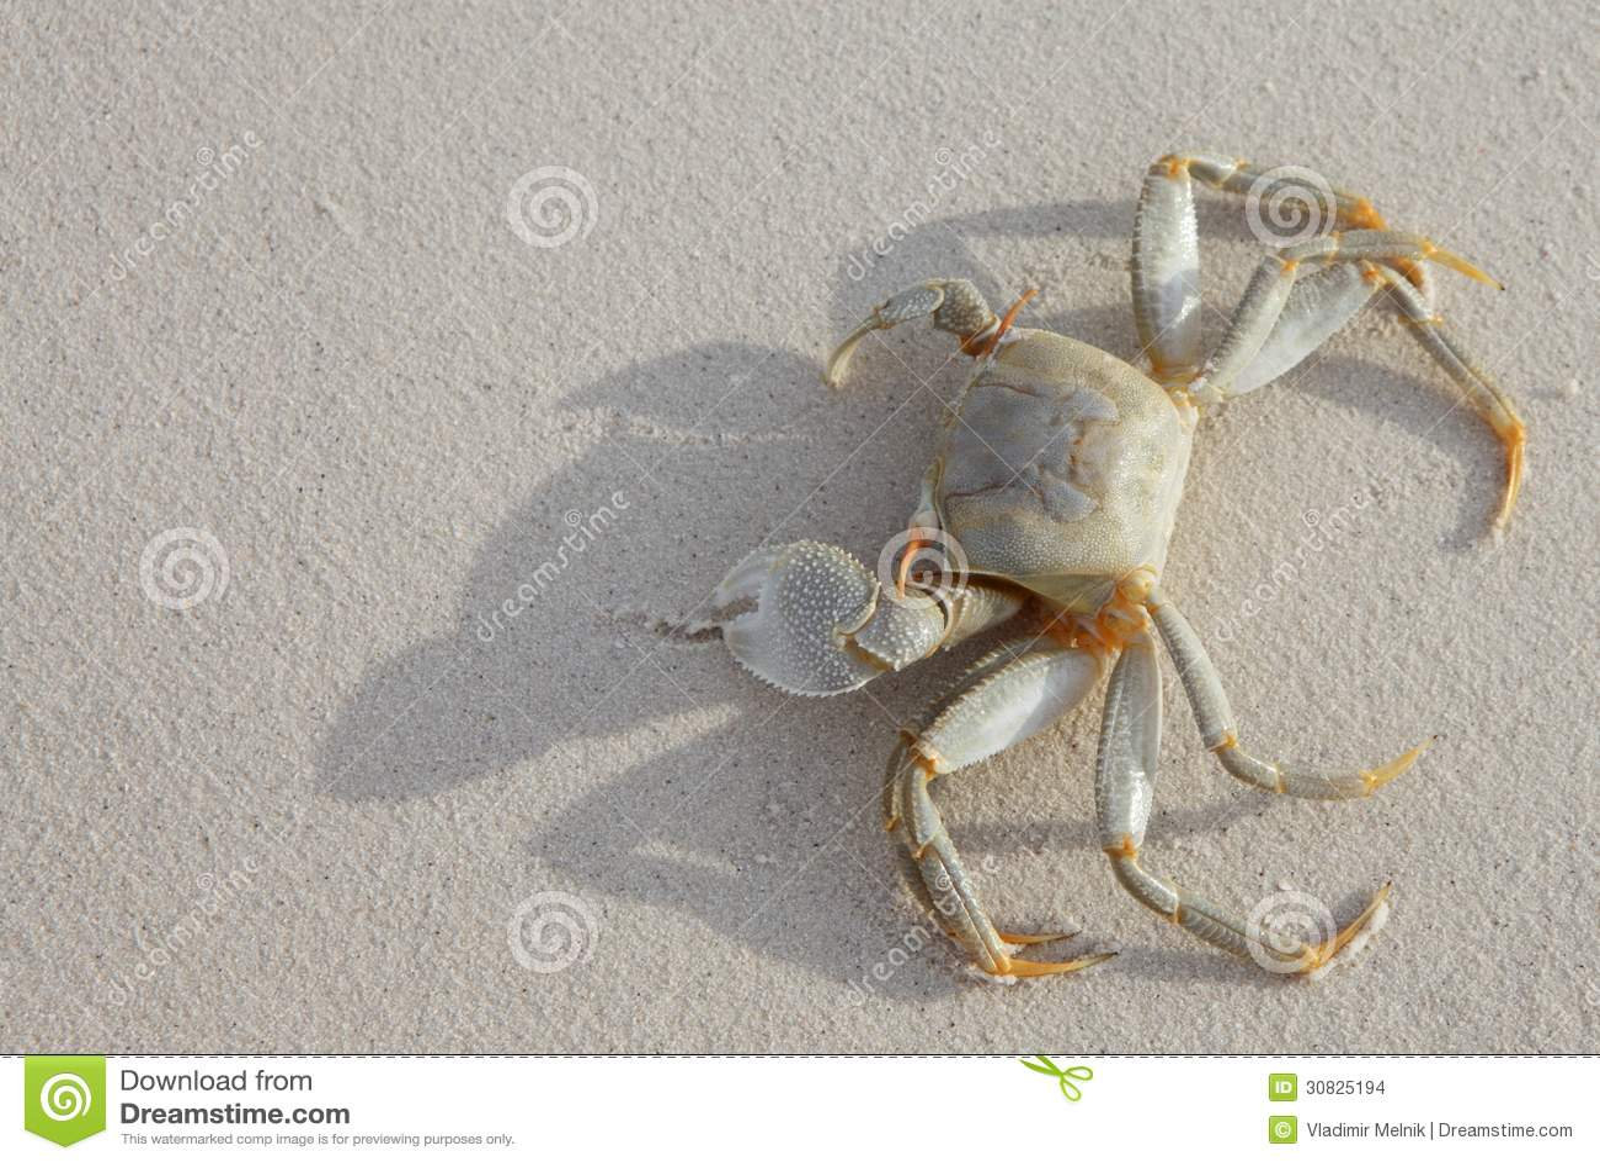 Granchio sulla spiaggia